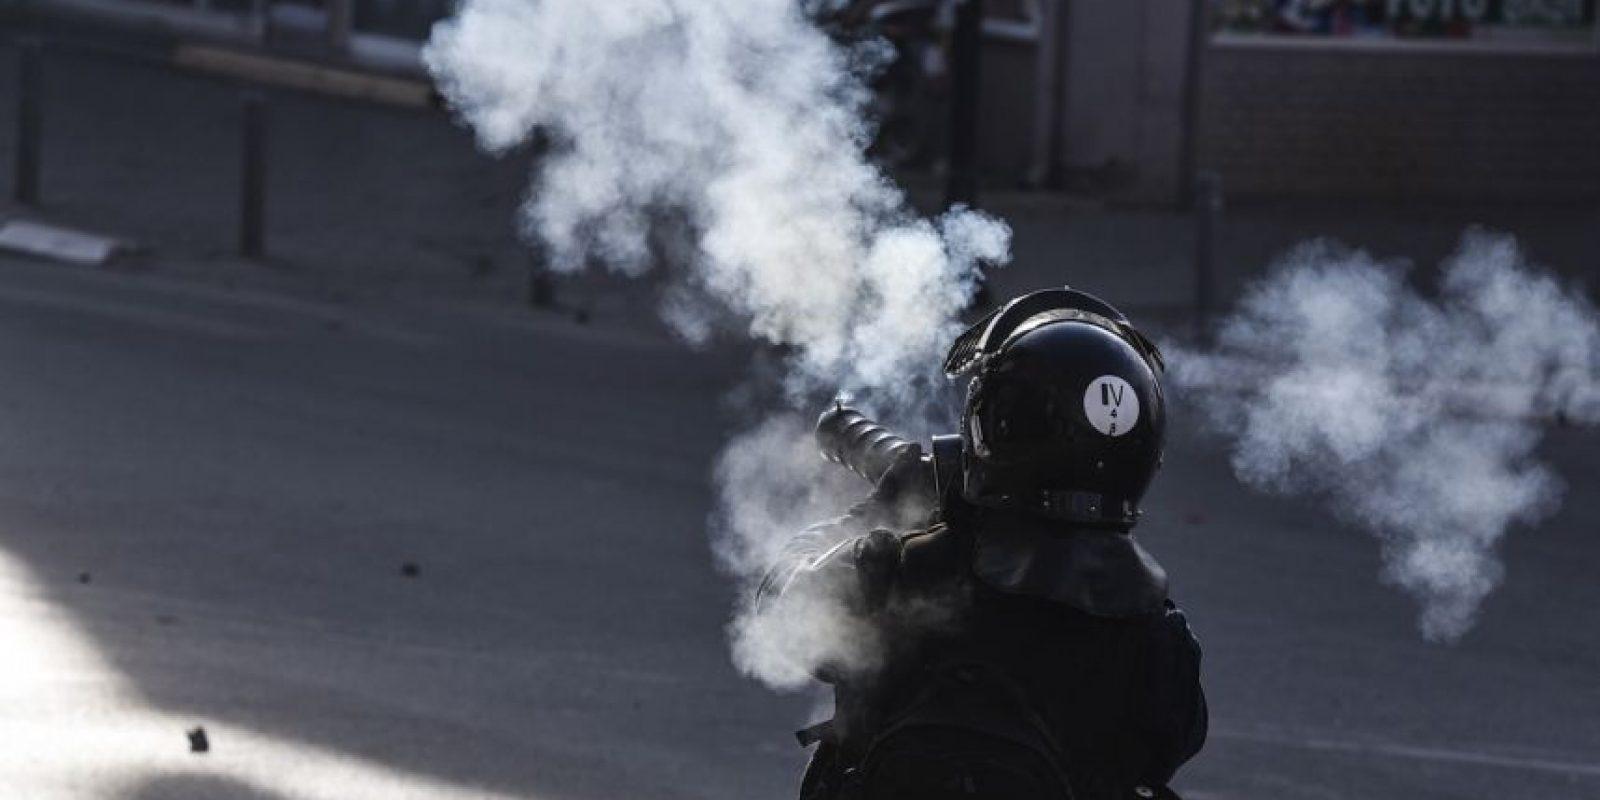 Los partidarios de la oposición se enfrentaron a los policías antidisturbios. Foto:AFP